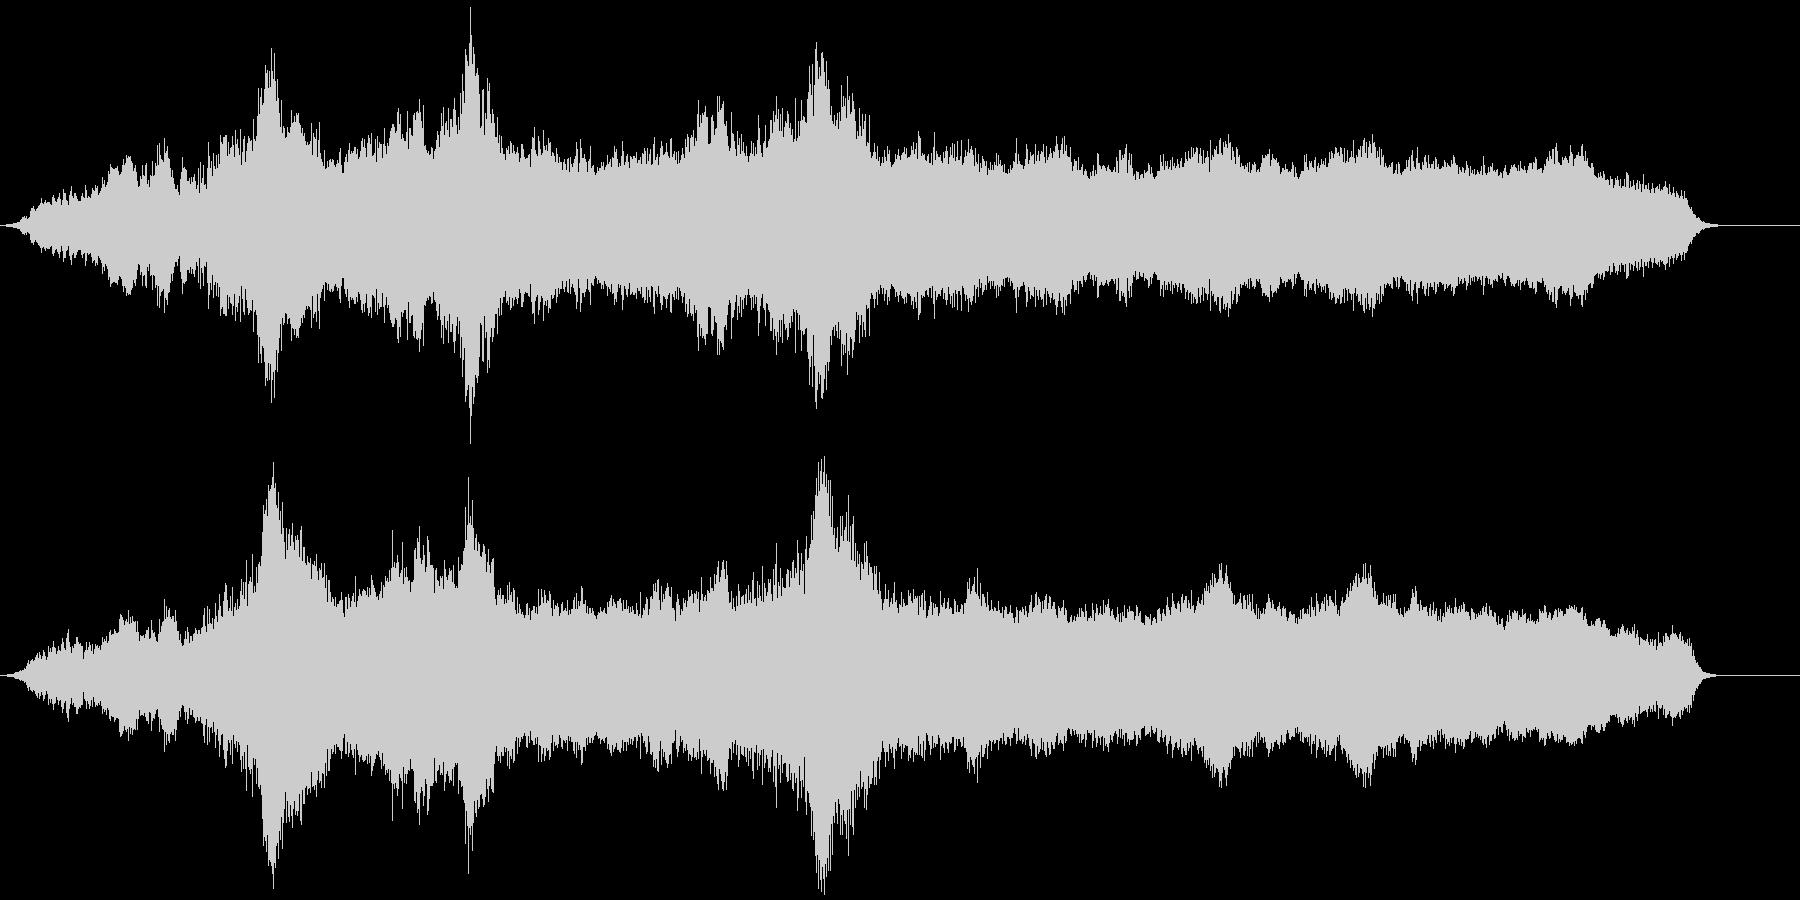 安定した低サブベル、低サブのロングベルの未再生の波形